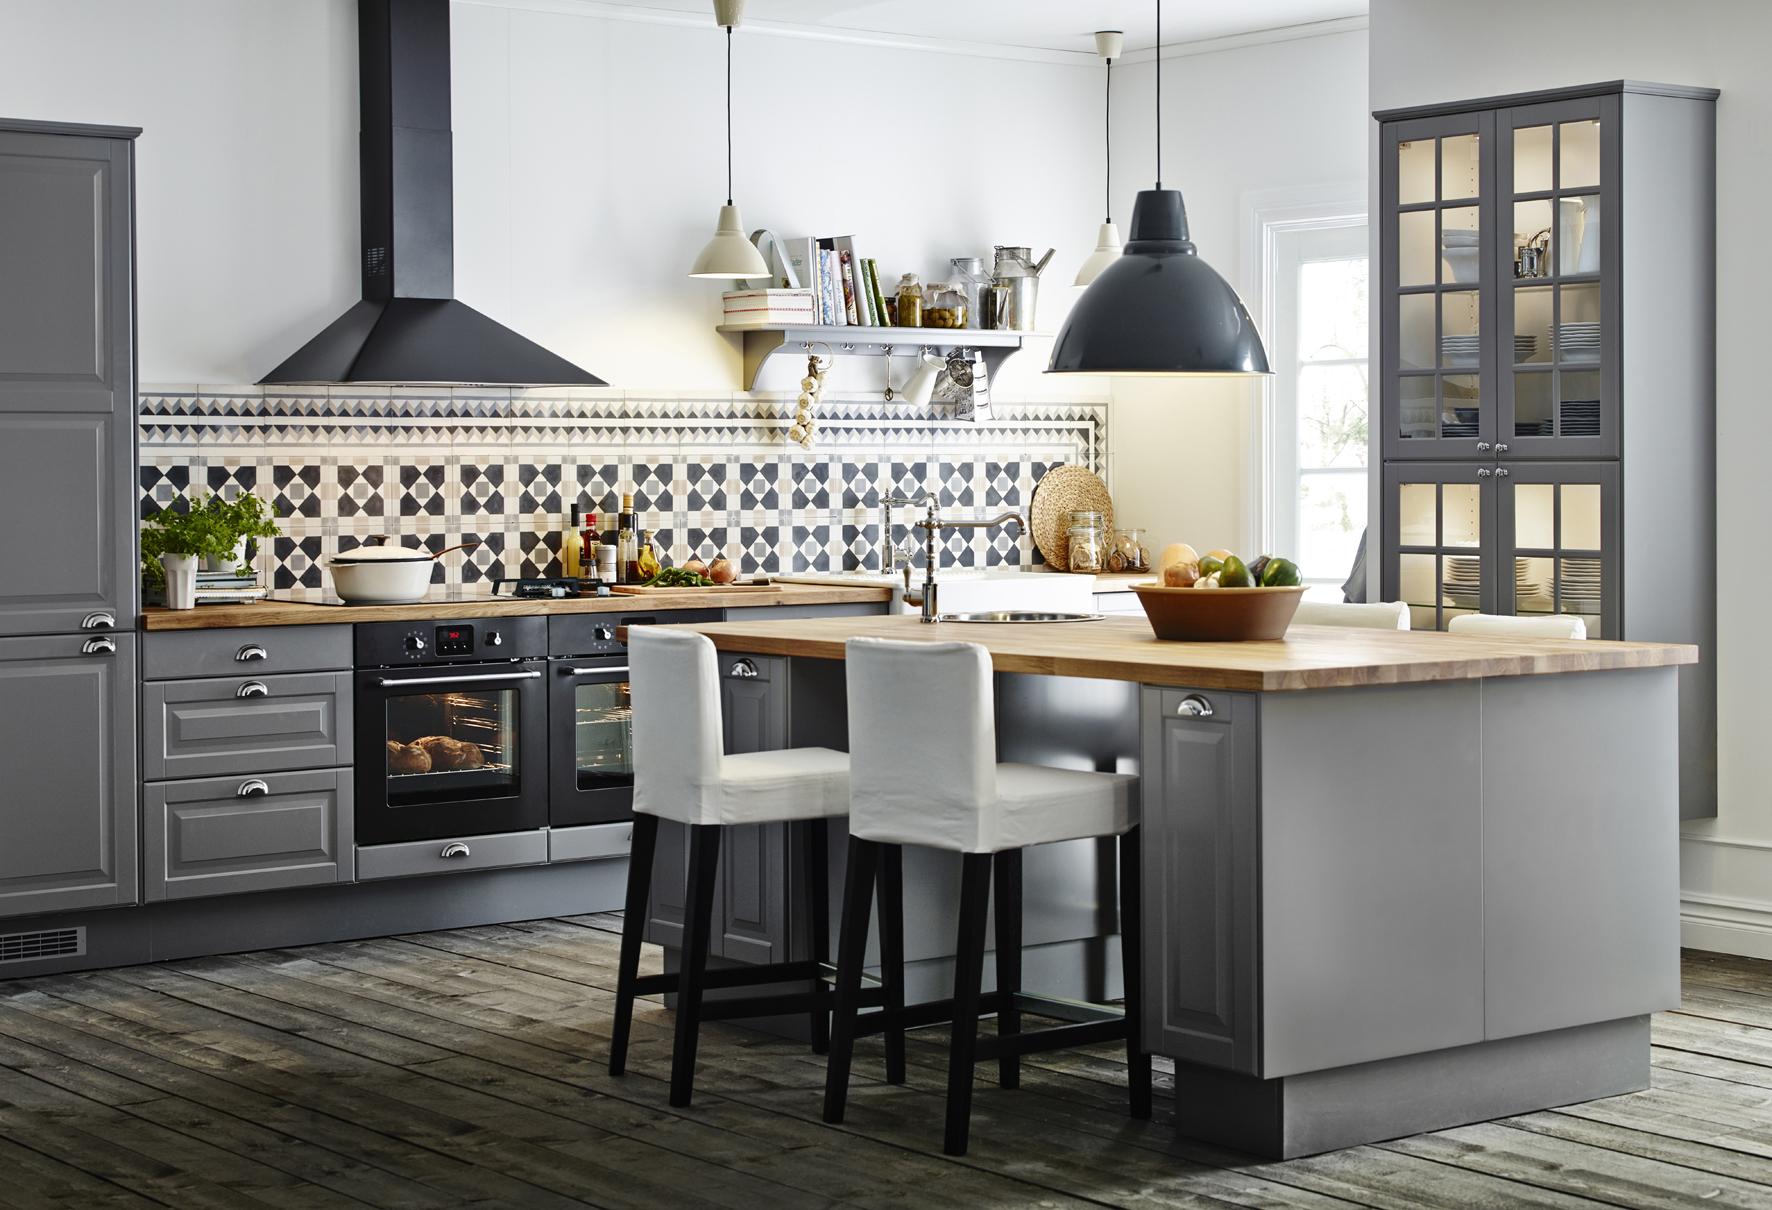 Ikea keuken plaatsen prijs u2013 informatie over de keuken